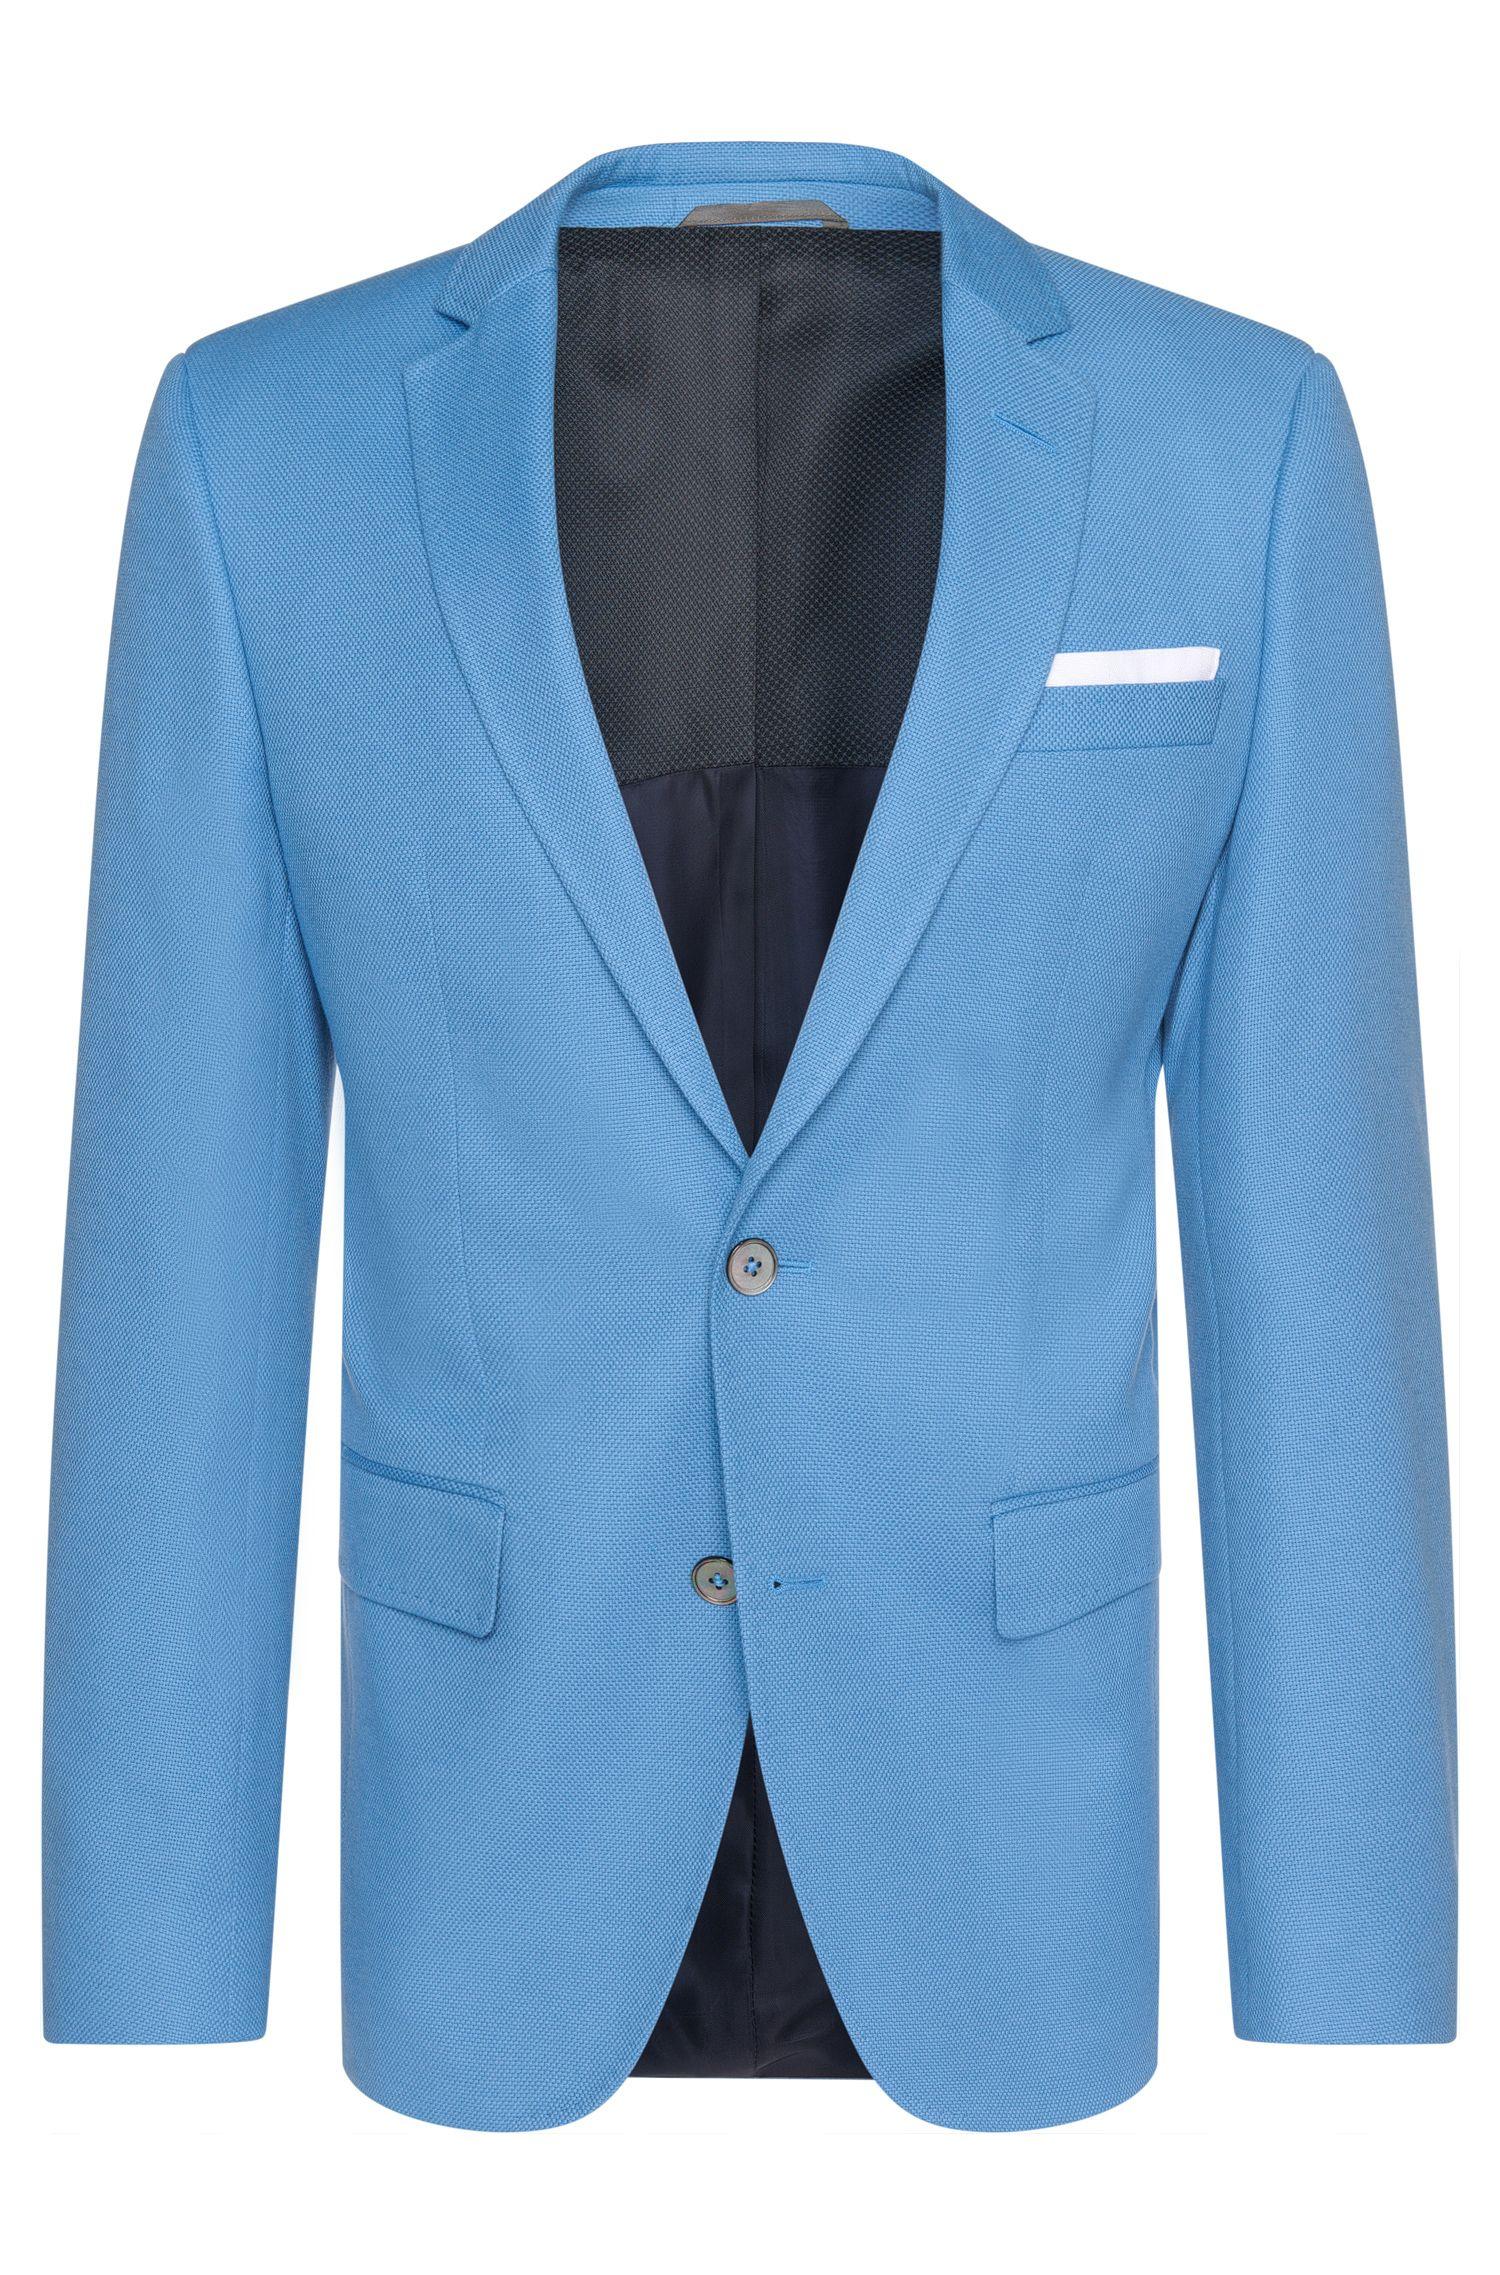 'Hutsons' | Slim Fit, Cotton Sport Coat